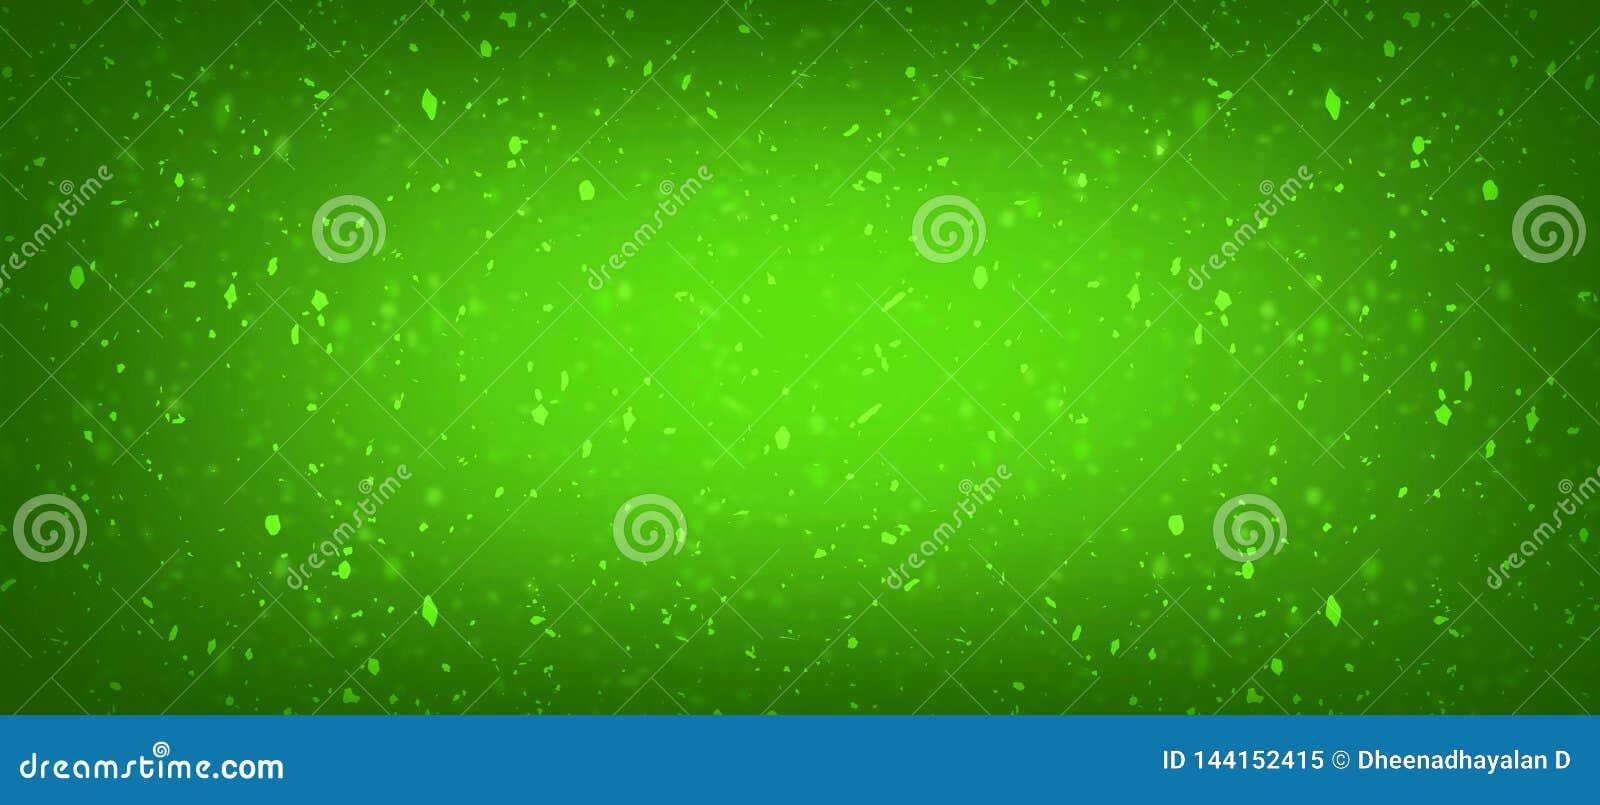 Дизайн текстуры предпосылки grunge абстрактной зеленой предпосылки зеленый роскошный богатый винтажный с элегантной античной крас